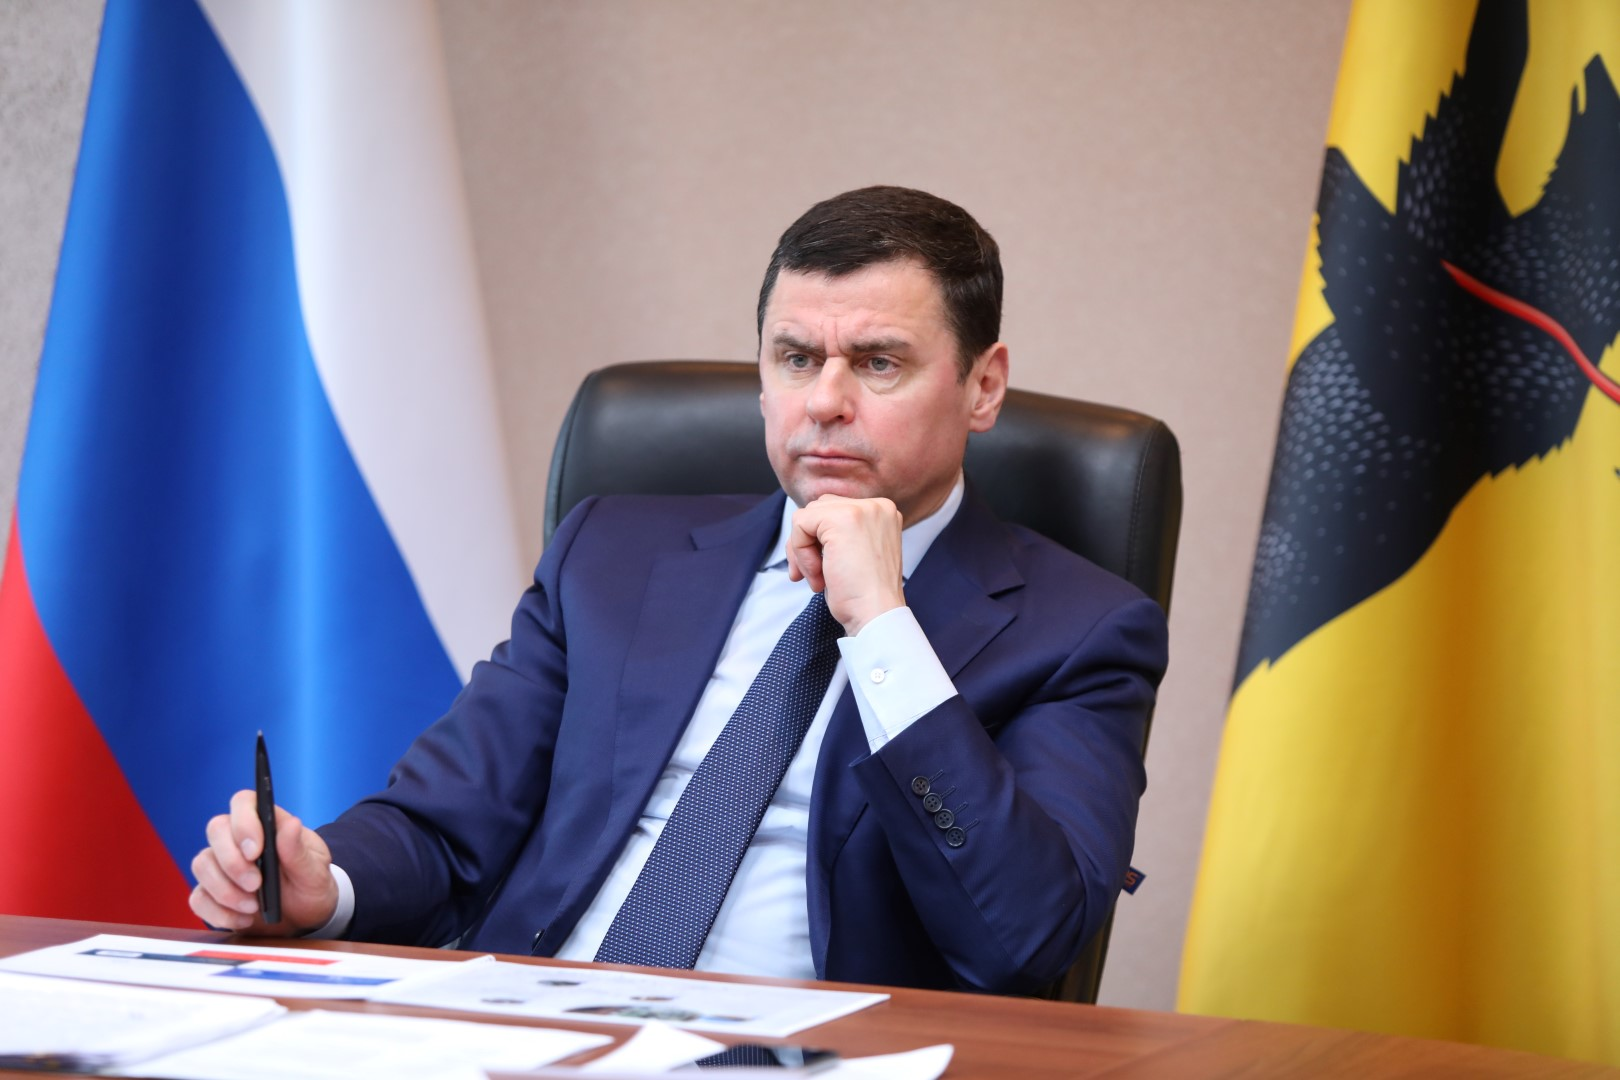 Дмитрий Миронов: «Выполнены все основные показатели нацпроекта